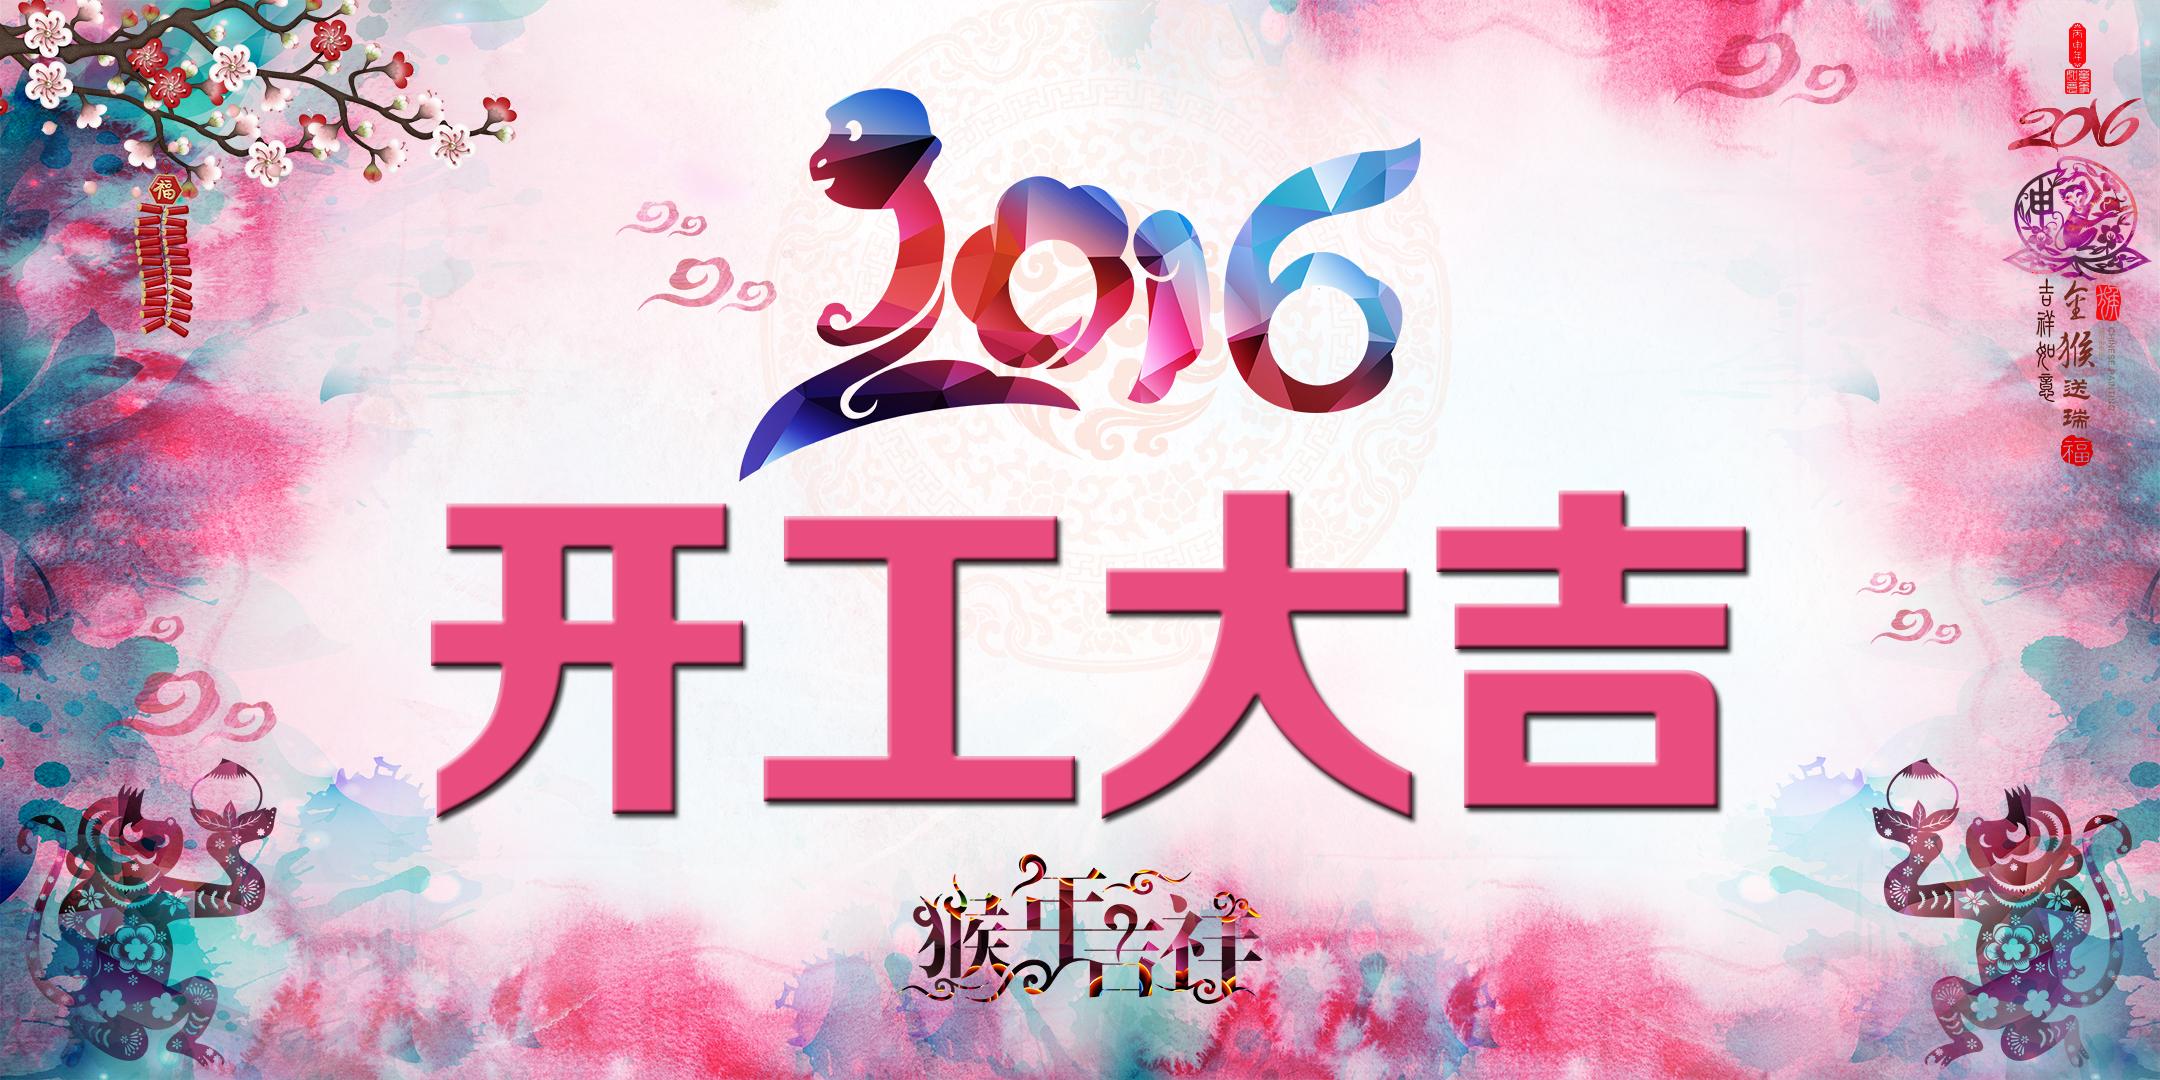 八骏科技恭祝:新春开工大吉